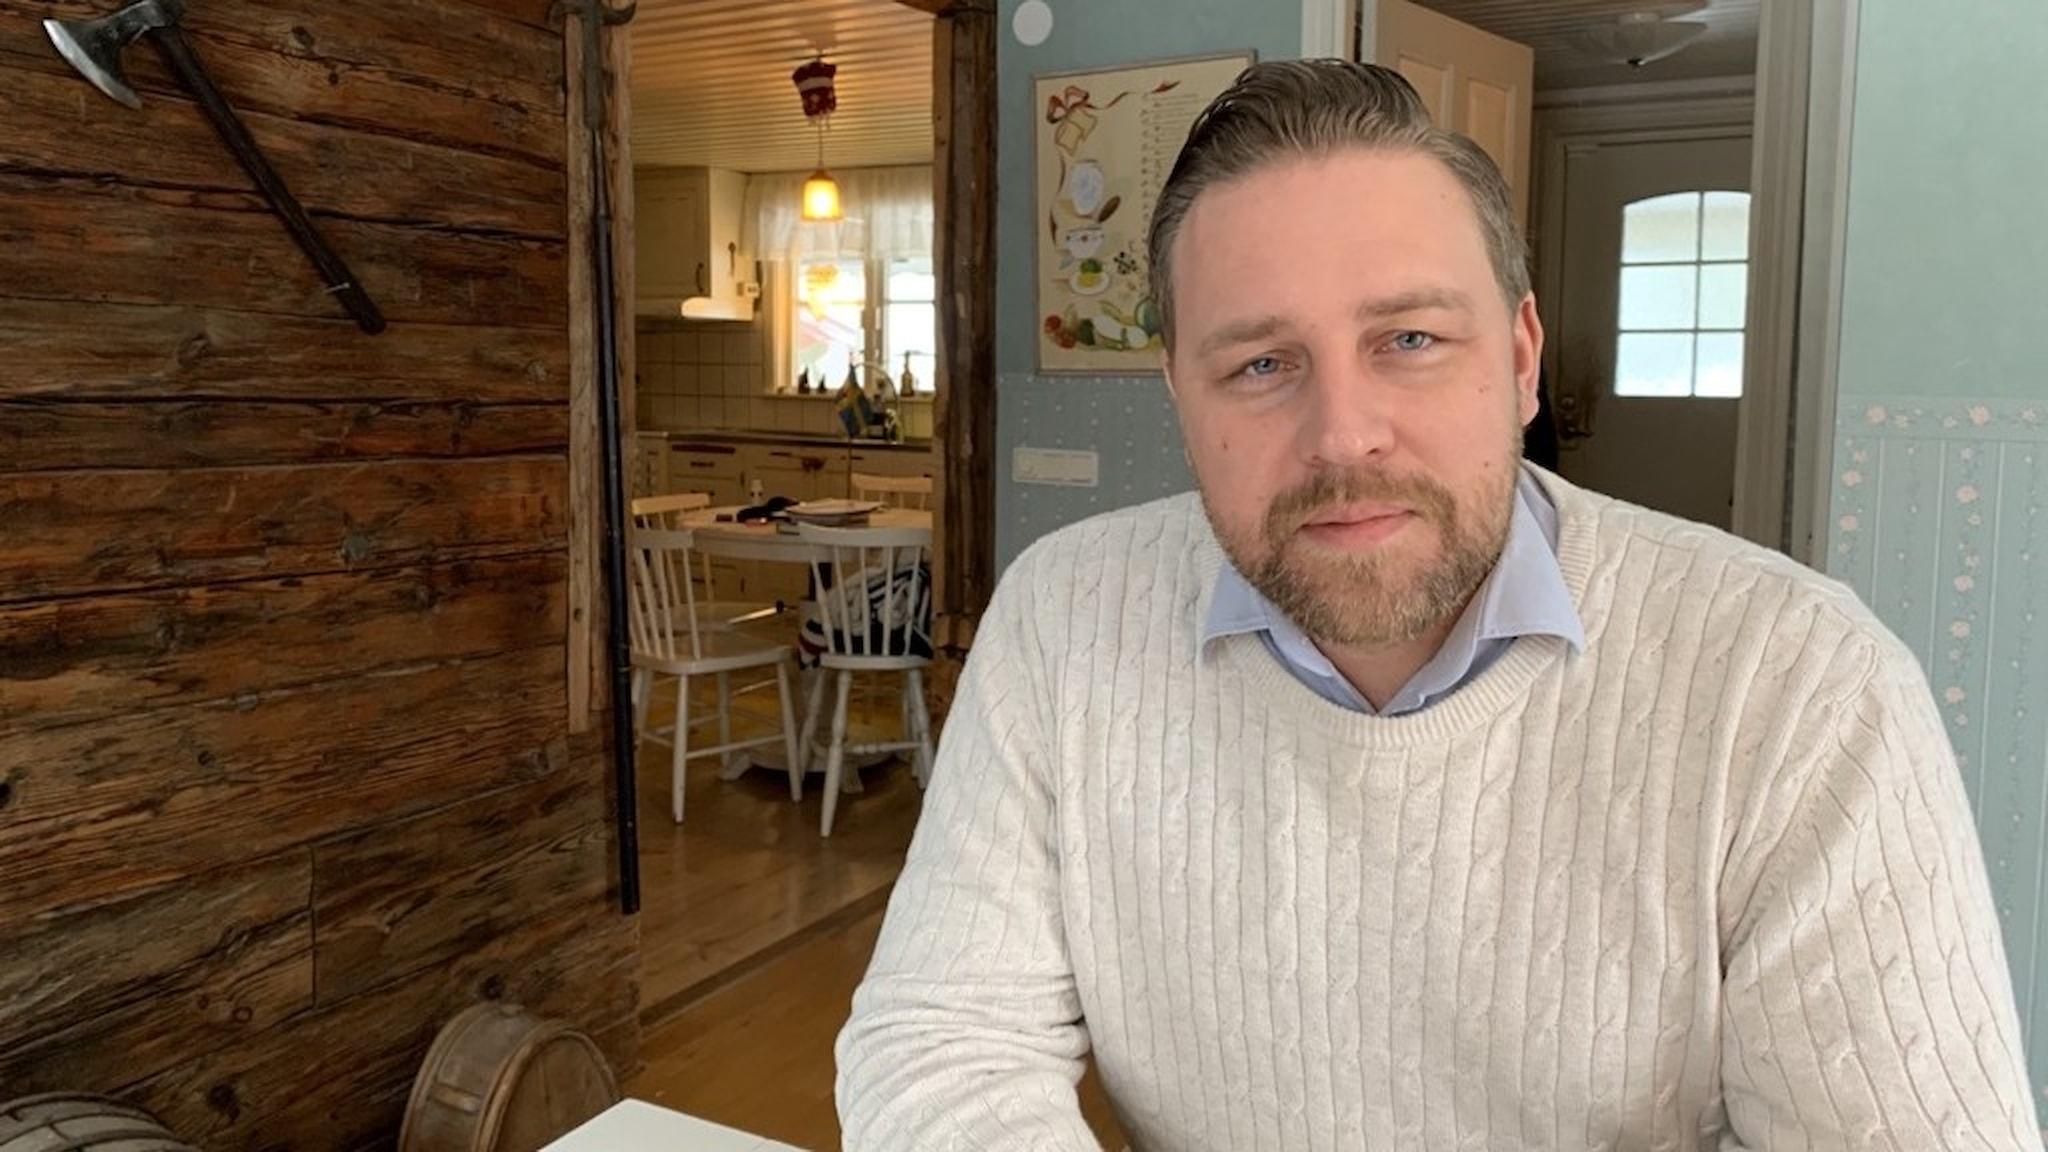 Sverigedemokraten och riksdagsledamoten Mattias Karlsson i sitt hem.